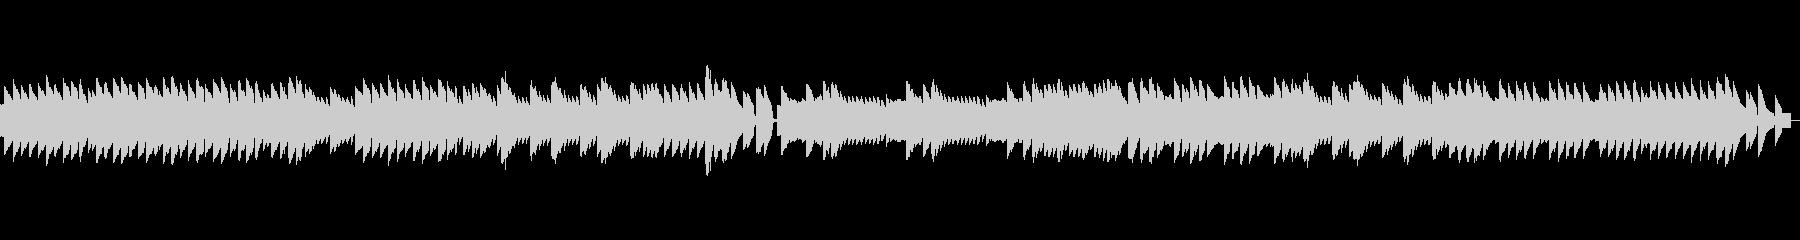 8bitクラシック クーラント(ループ)の未再生の波形